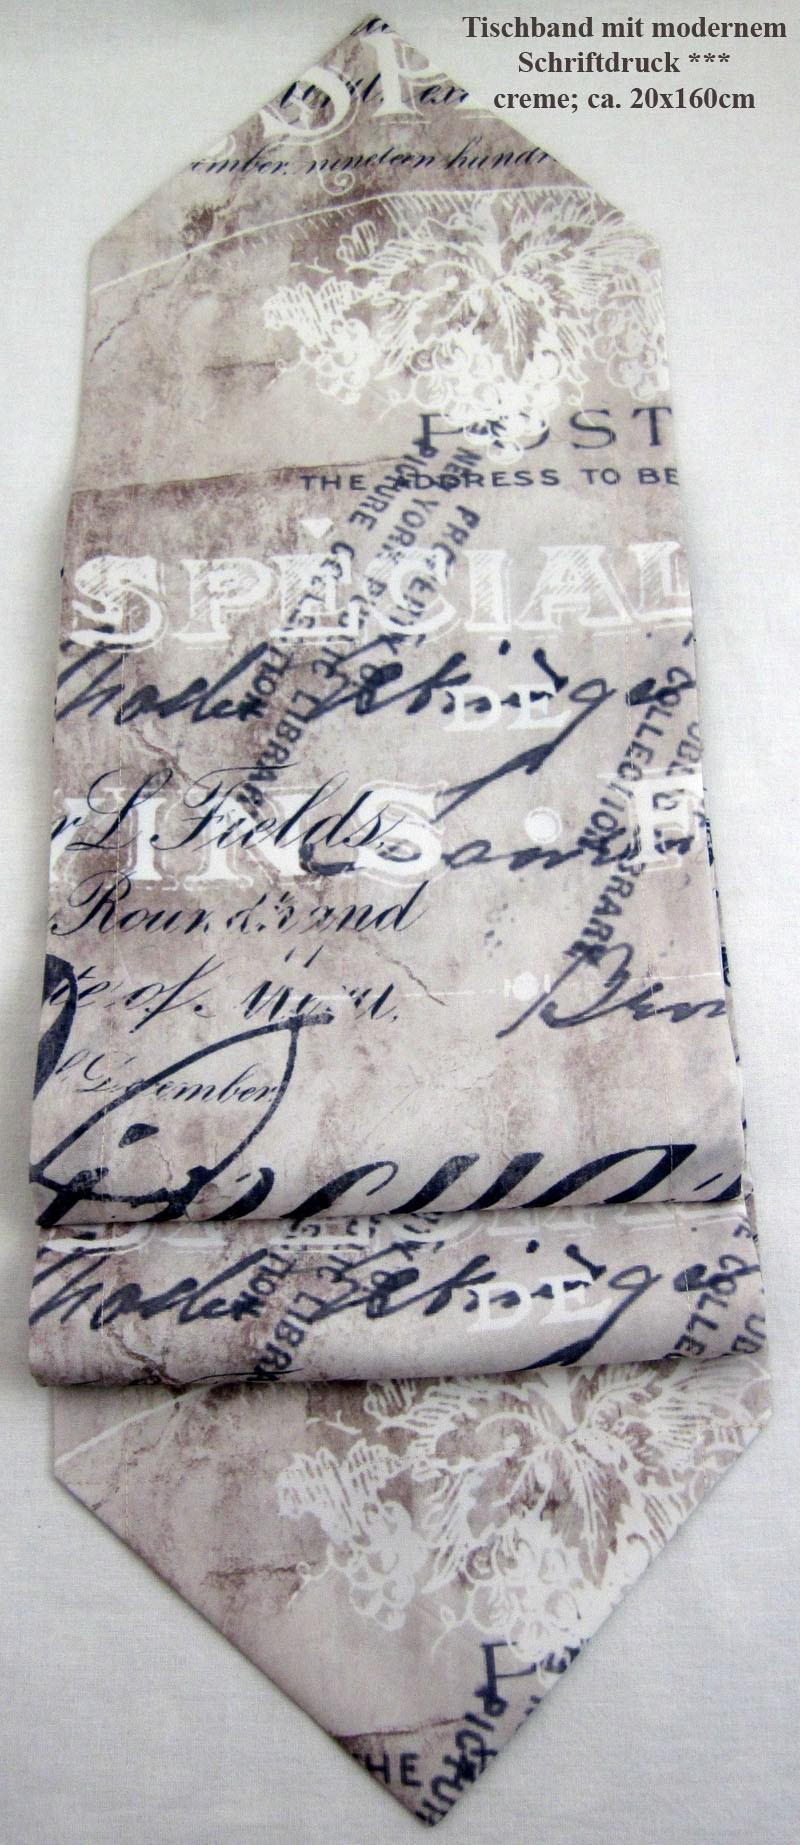 Tischband mit modernem Schriftdruck ca. 160 x 20 cm creme